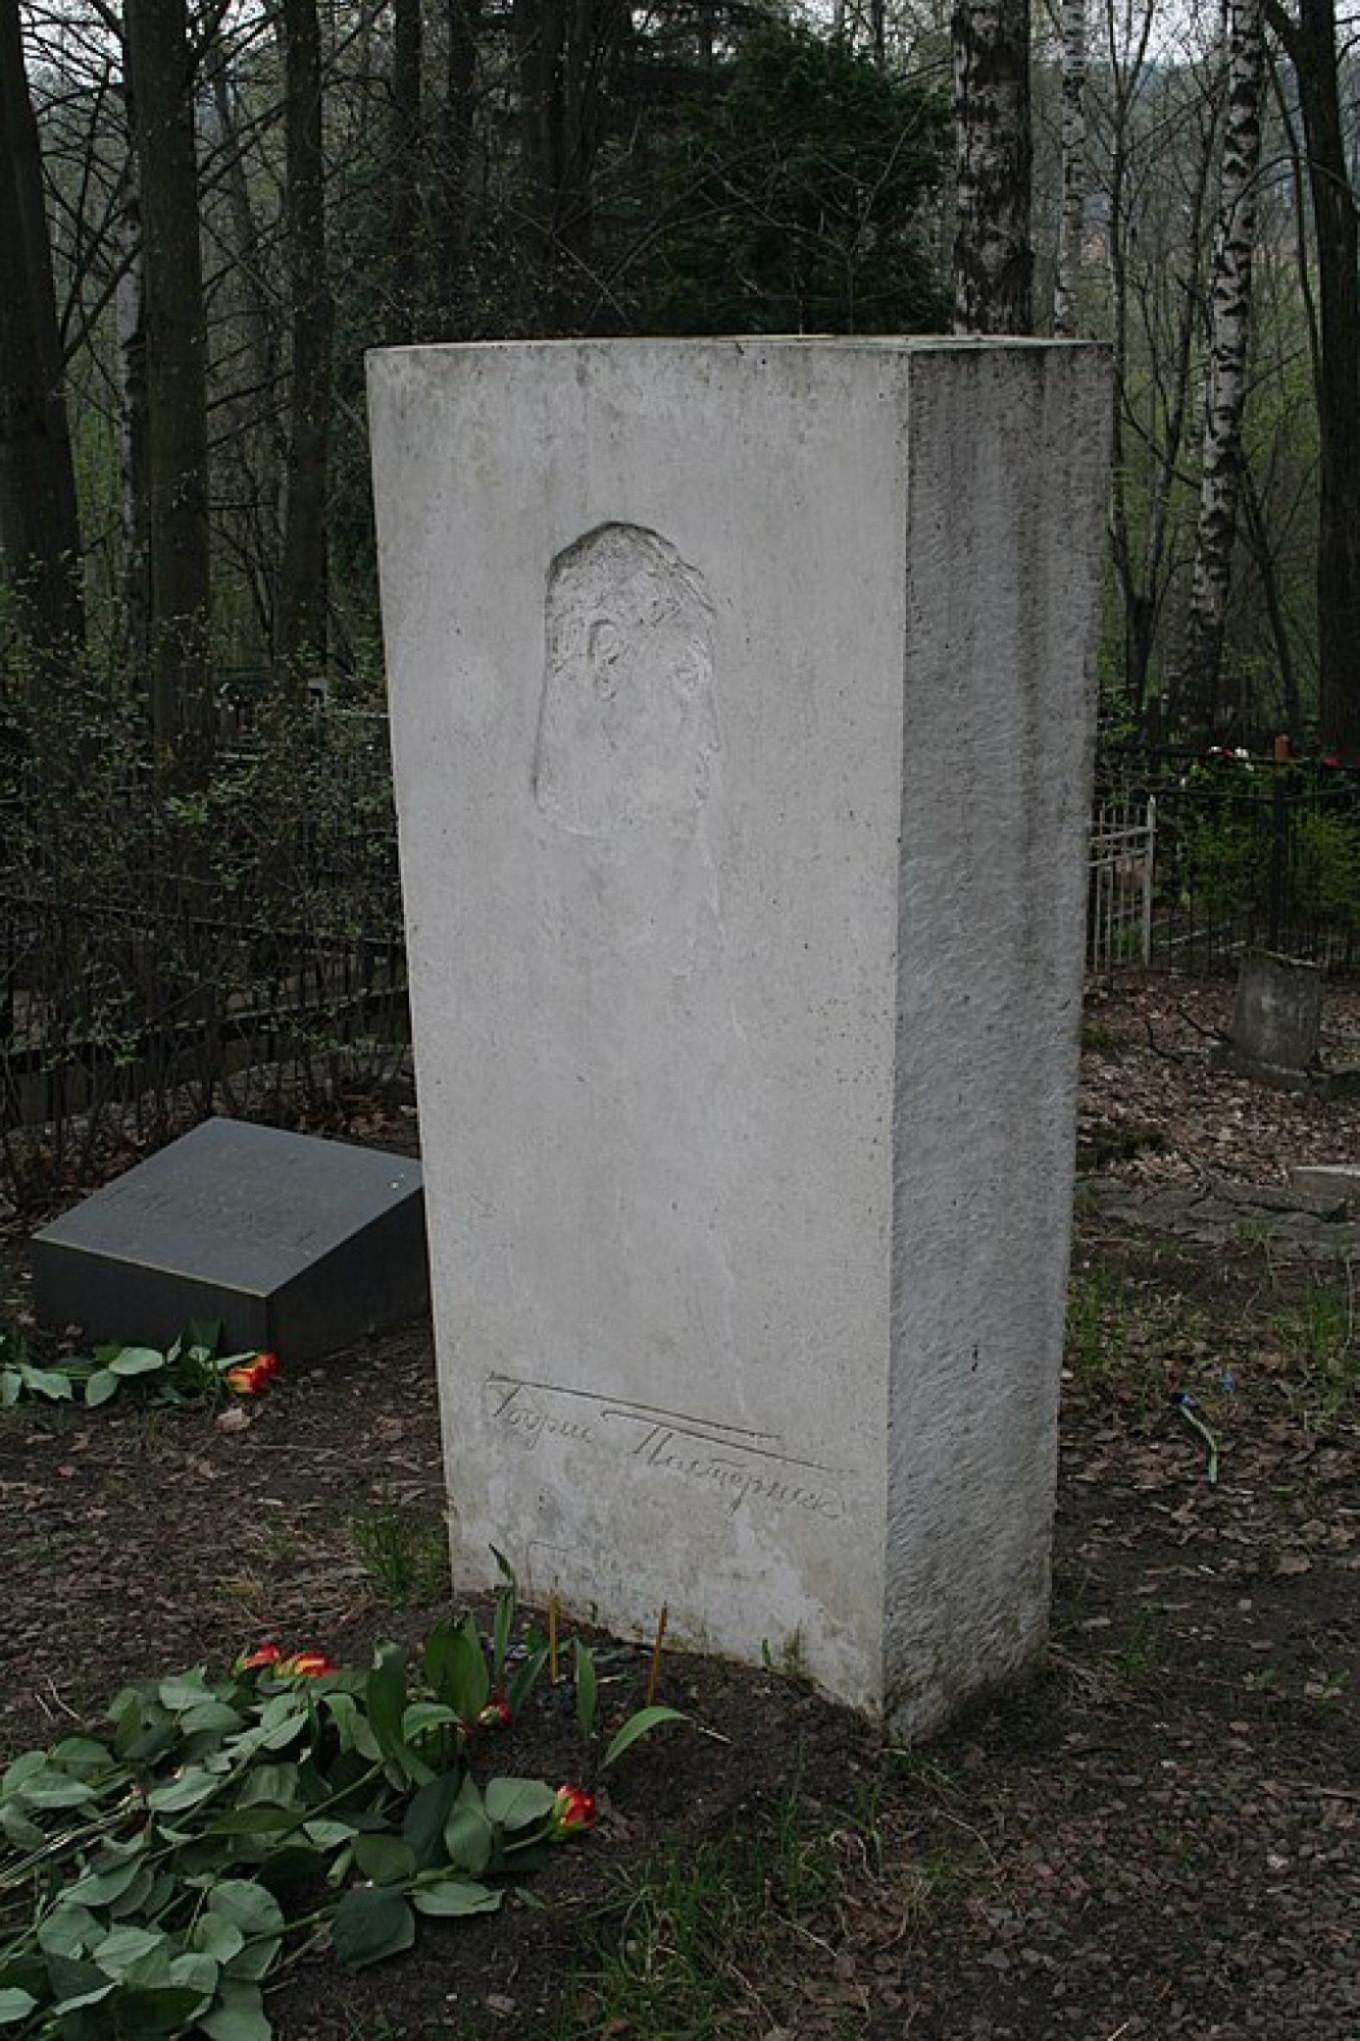 Bas relief of Boris Pasternak on his gravestone,  Wikicommons